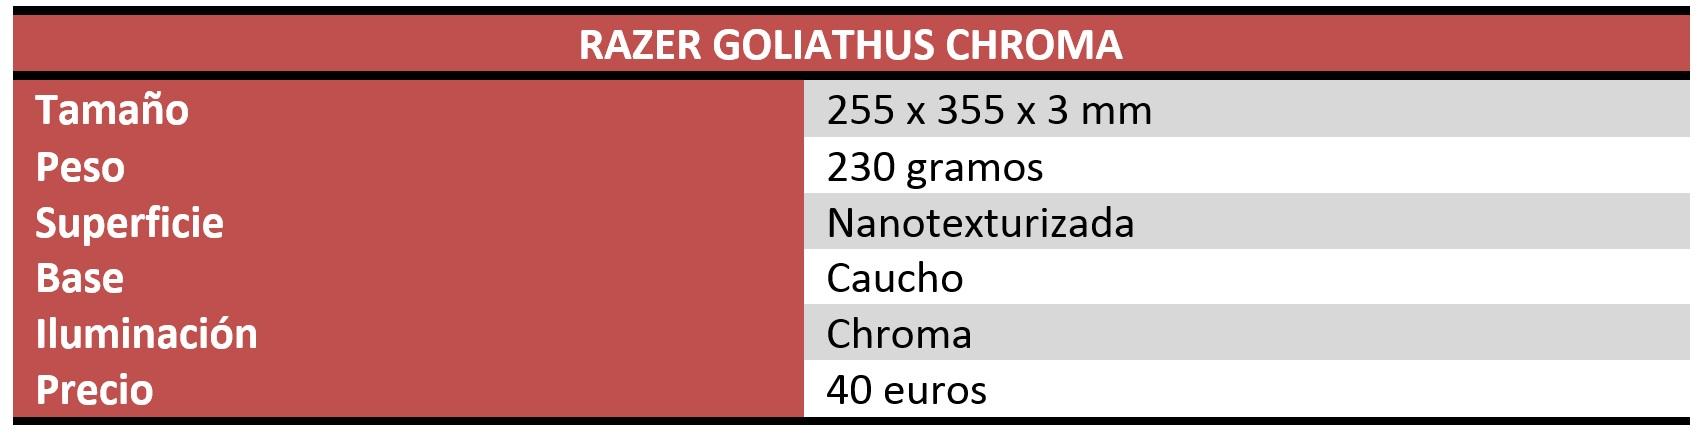 Razer Goliathus Chroma Review